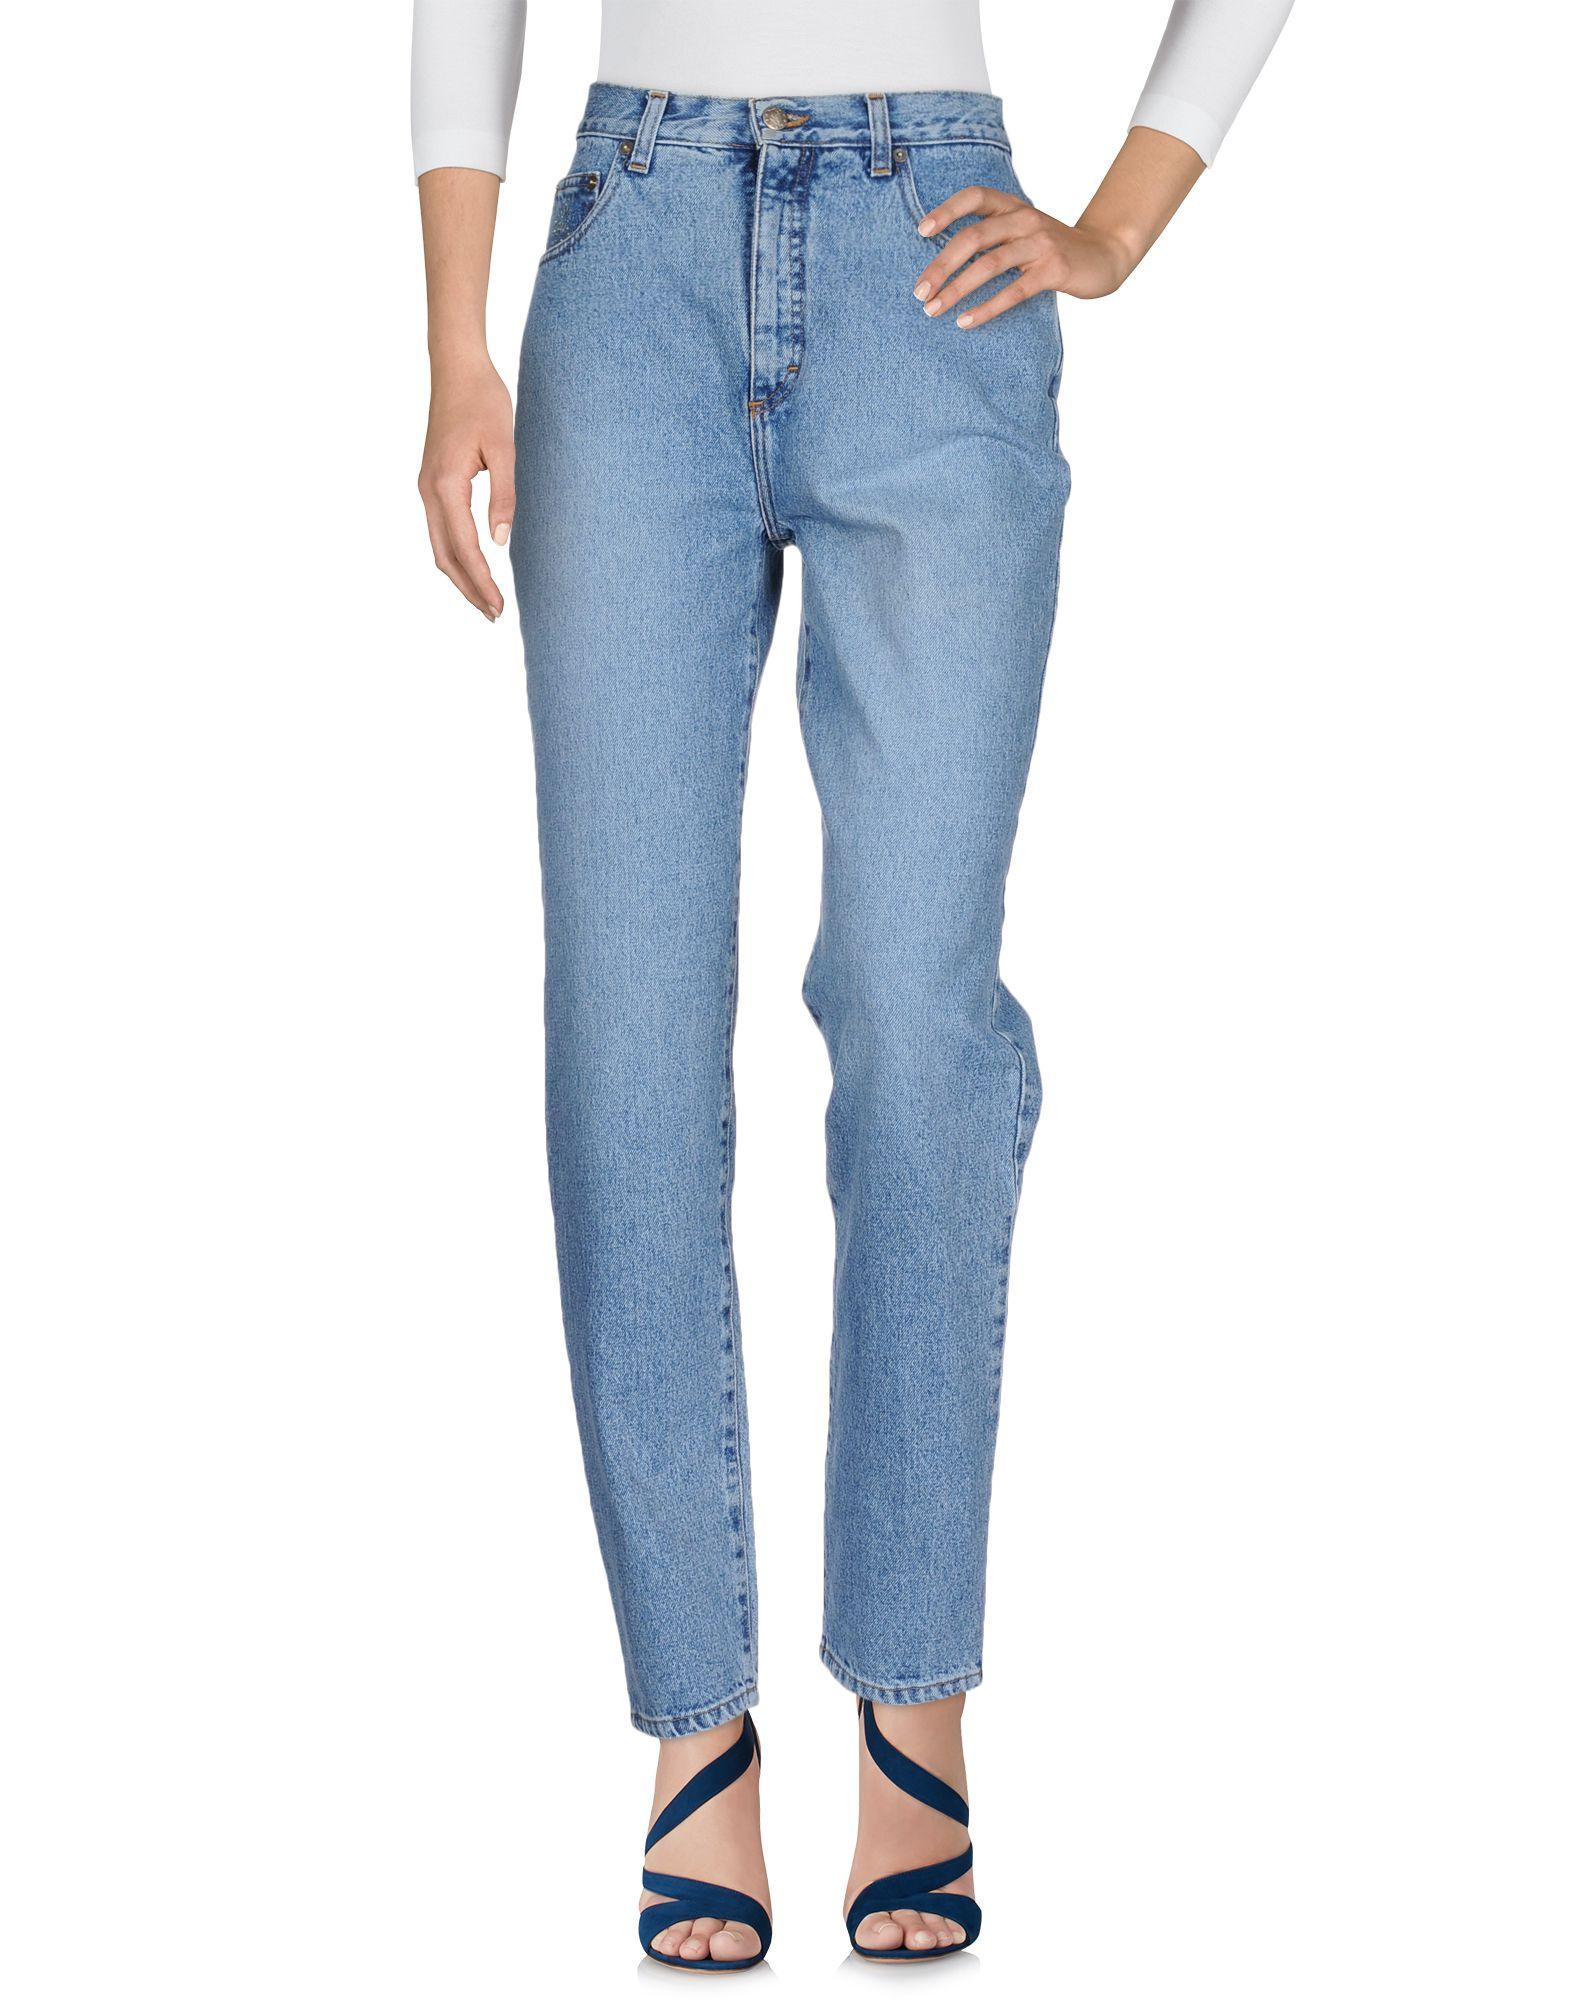 BLUMARINE JEANS Джинсовые брюки ripped jeans miss blumarine ripped jeans